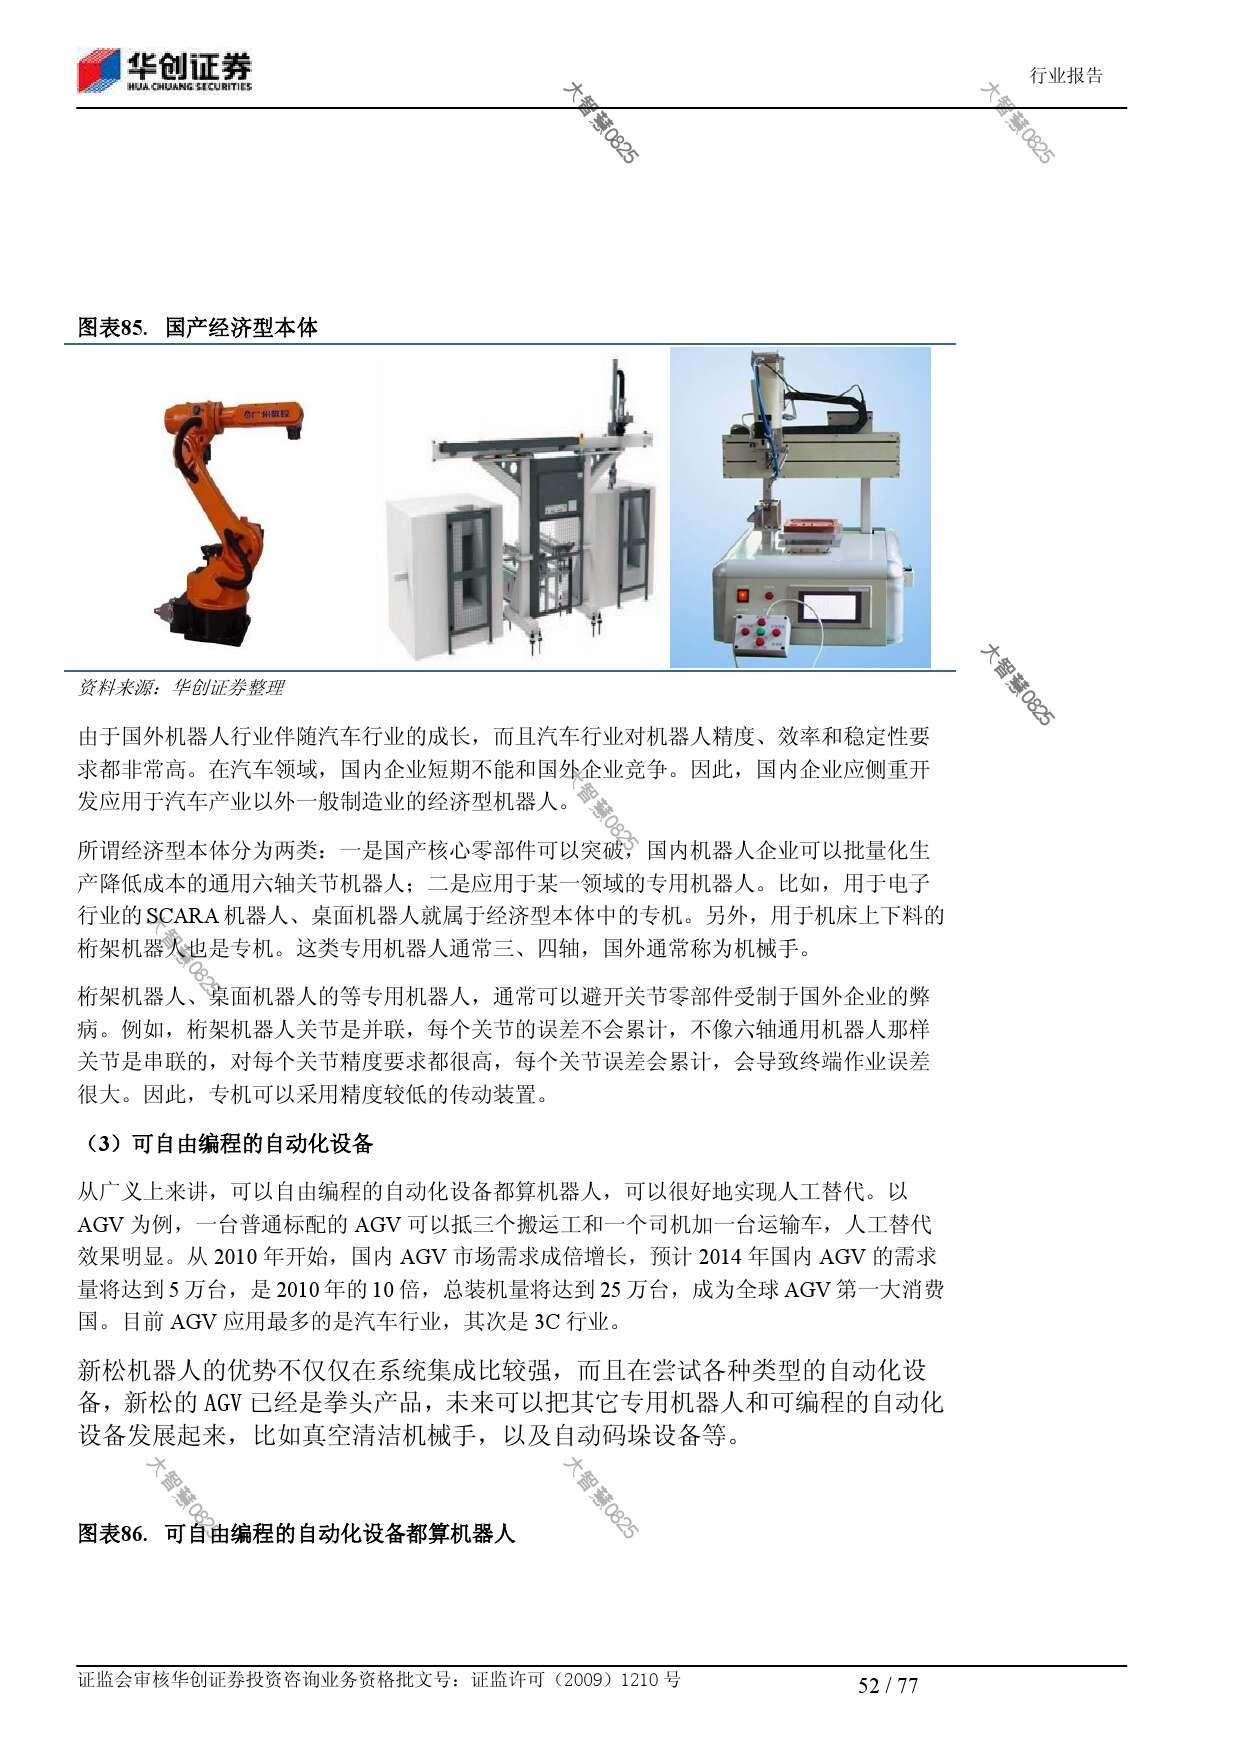 行业研究_华创证券_刘国清,鲁佩_机械设备:机器人大趋势_2014021_000052